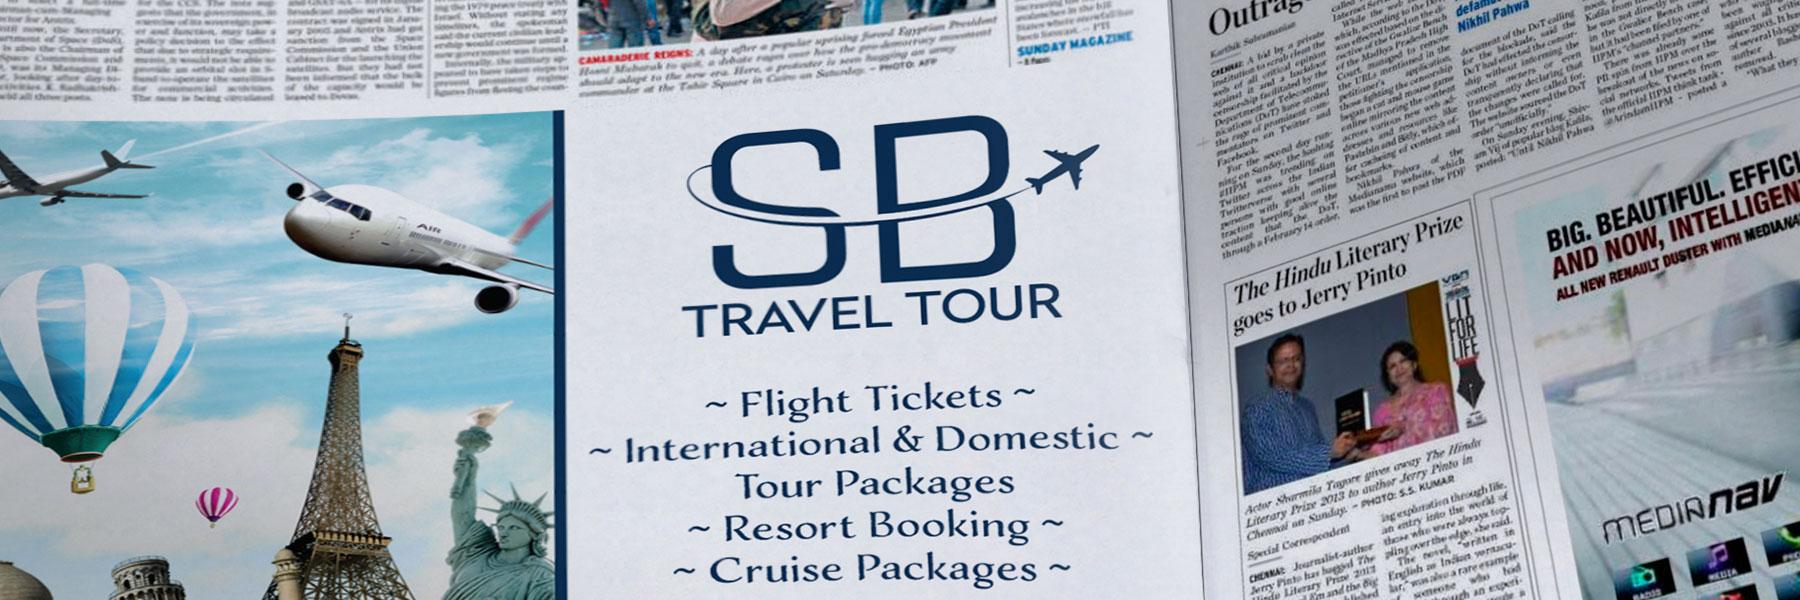 SB Travel Tour